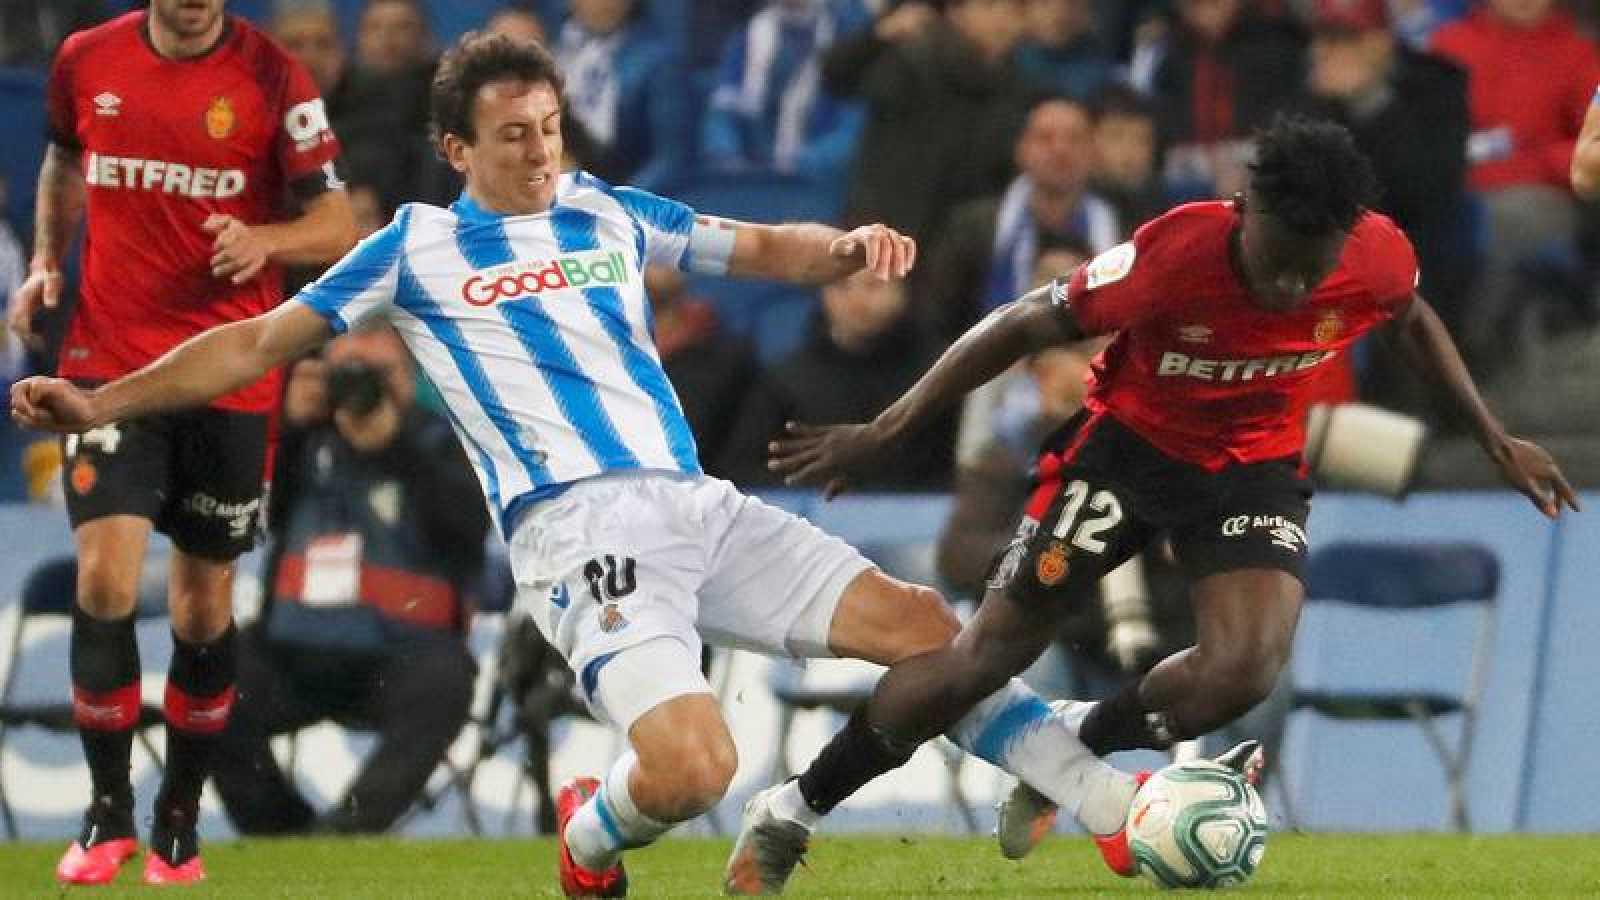 El centrocampista de la Real Sociedad, Mikel Oyarzabal (i), disputa el balón ante el jugador ghanés del RCD Mallorca, Iddrisu Baba